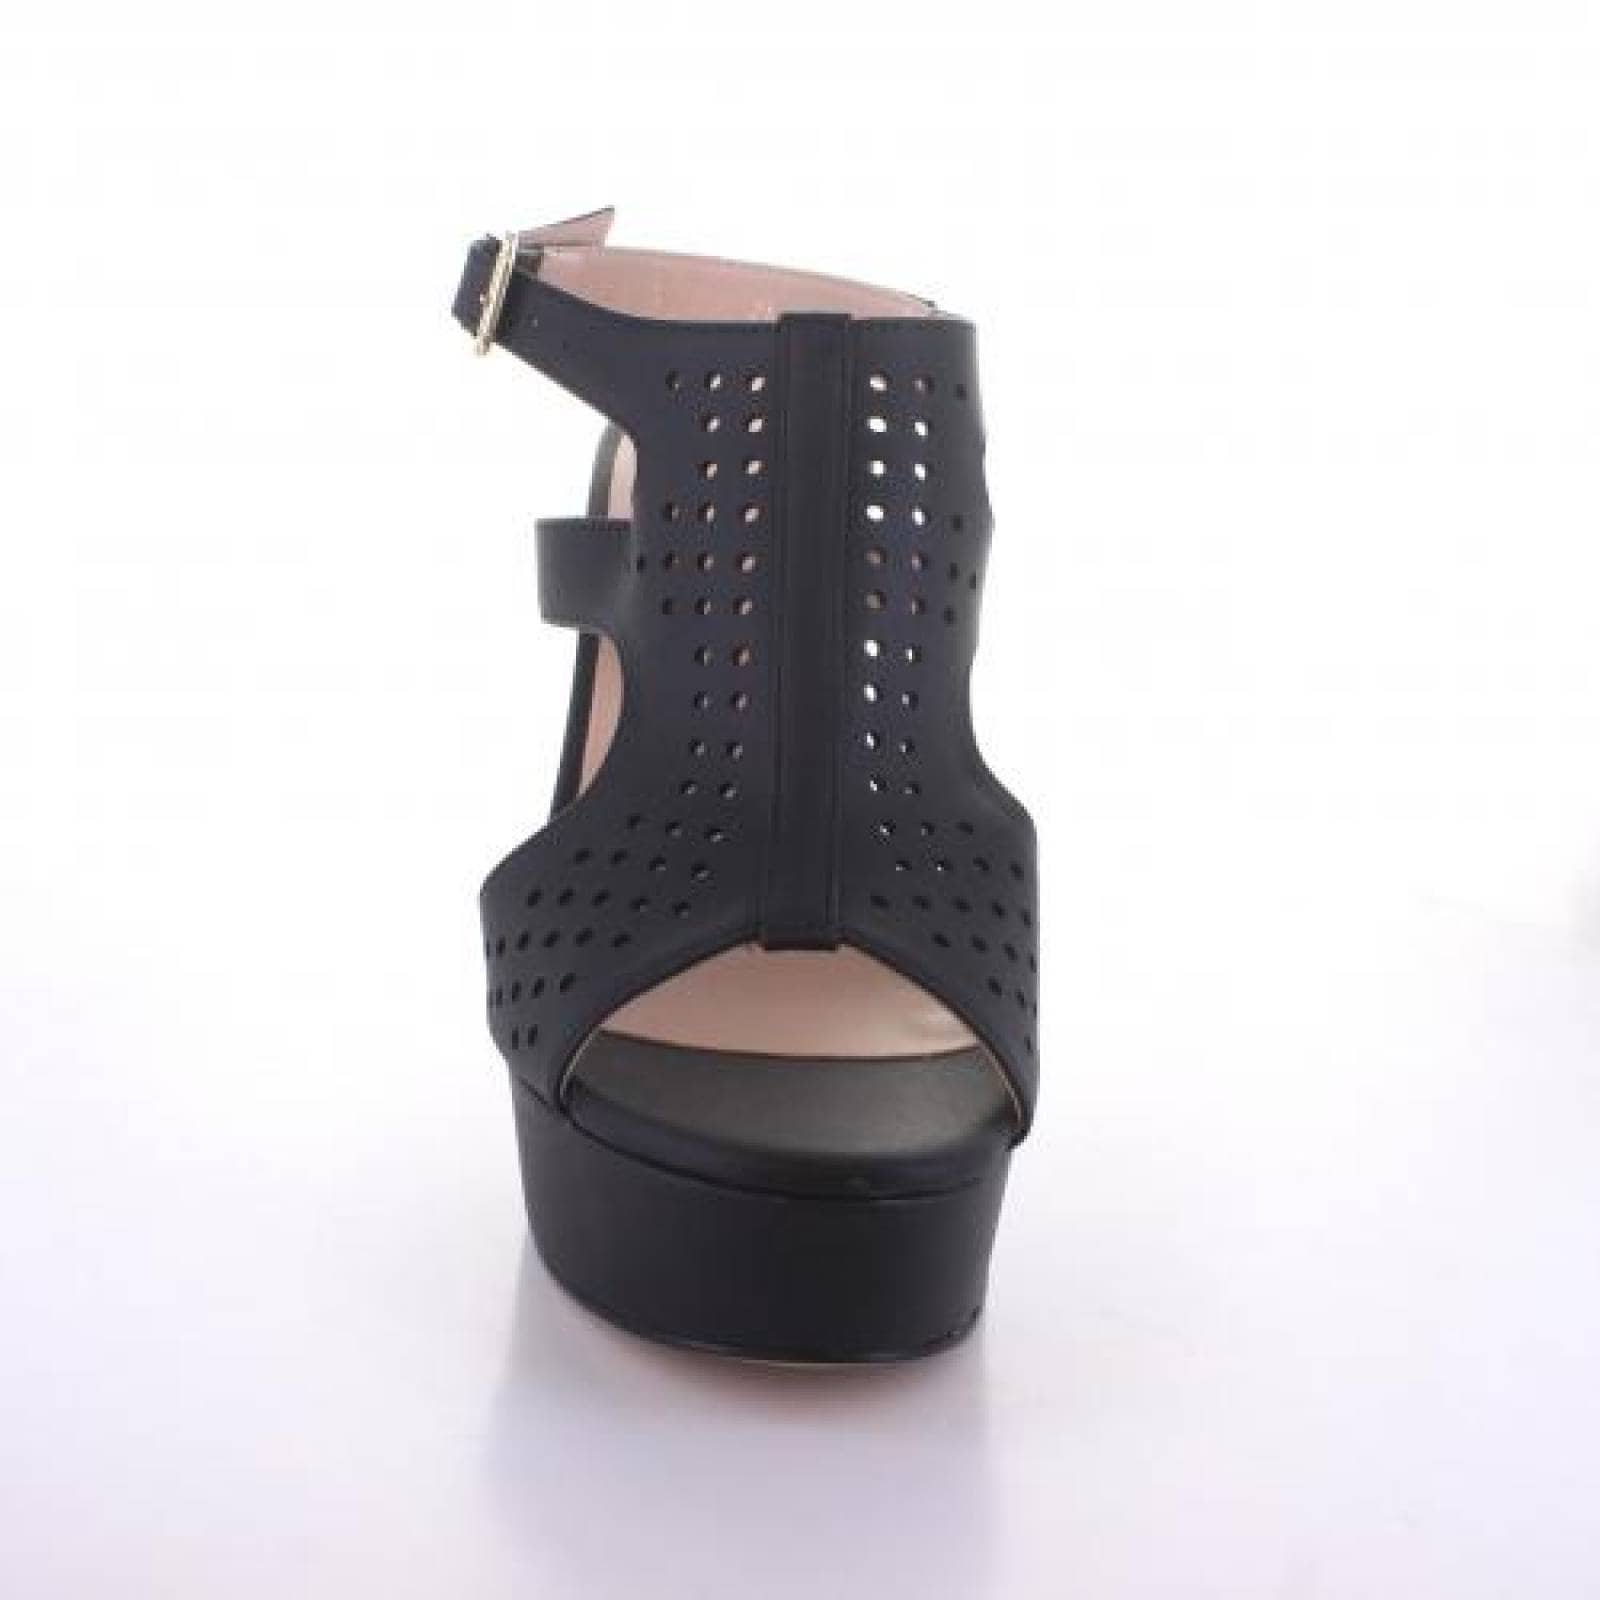 Zapatilla para Mujer Emilio Bazan   Distribucion 4011 052076 Color Negro